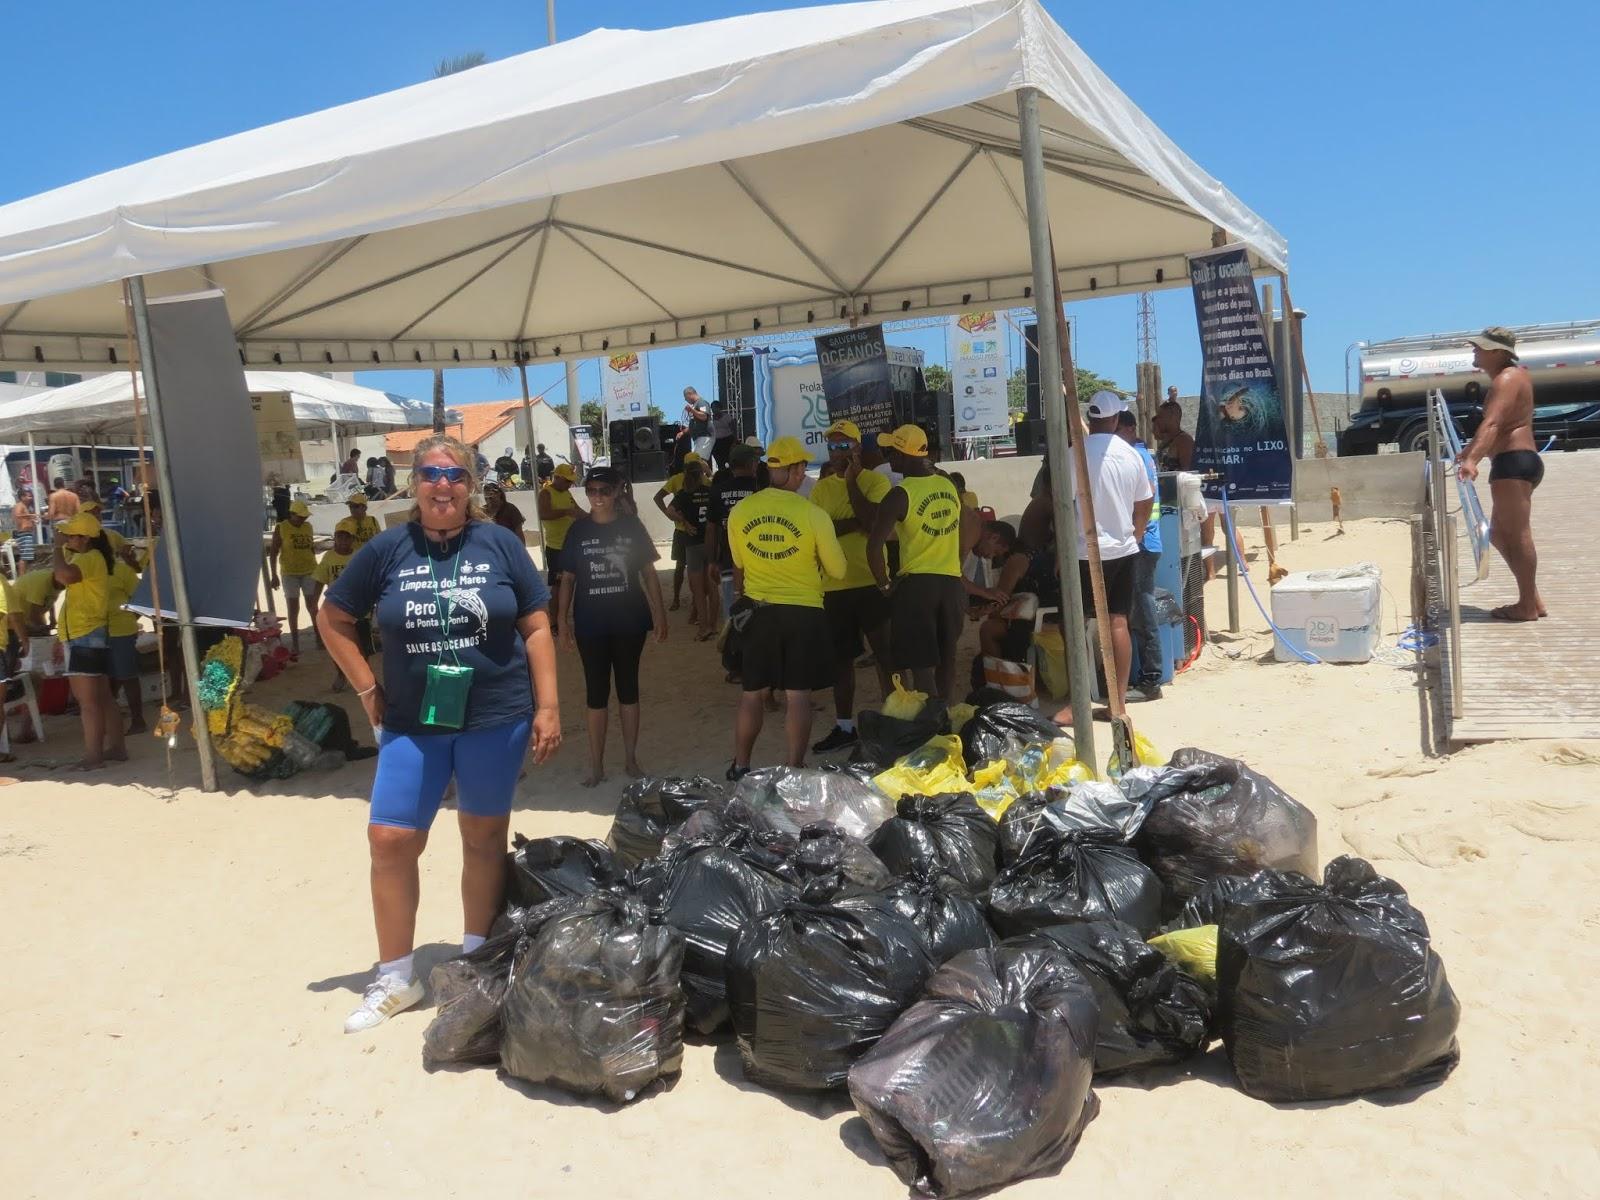 f5b25b7eb O problema pode ser facilmente corrigido com a conscientização dos  fumantes, uso de um equipamento para retirar o micro-lixo durante a limpeza  das praias e ...